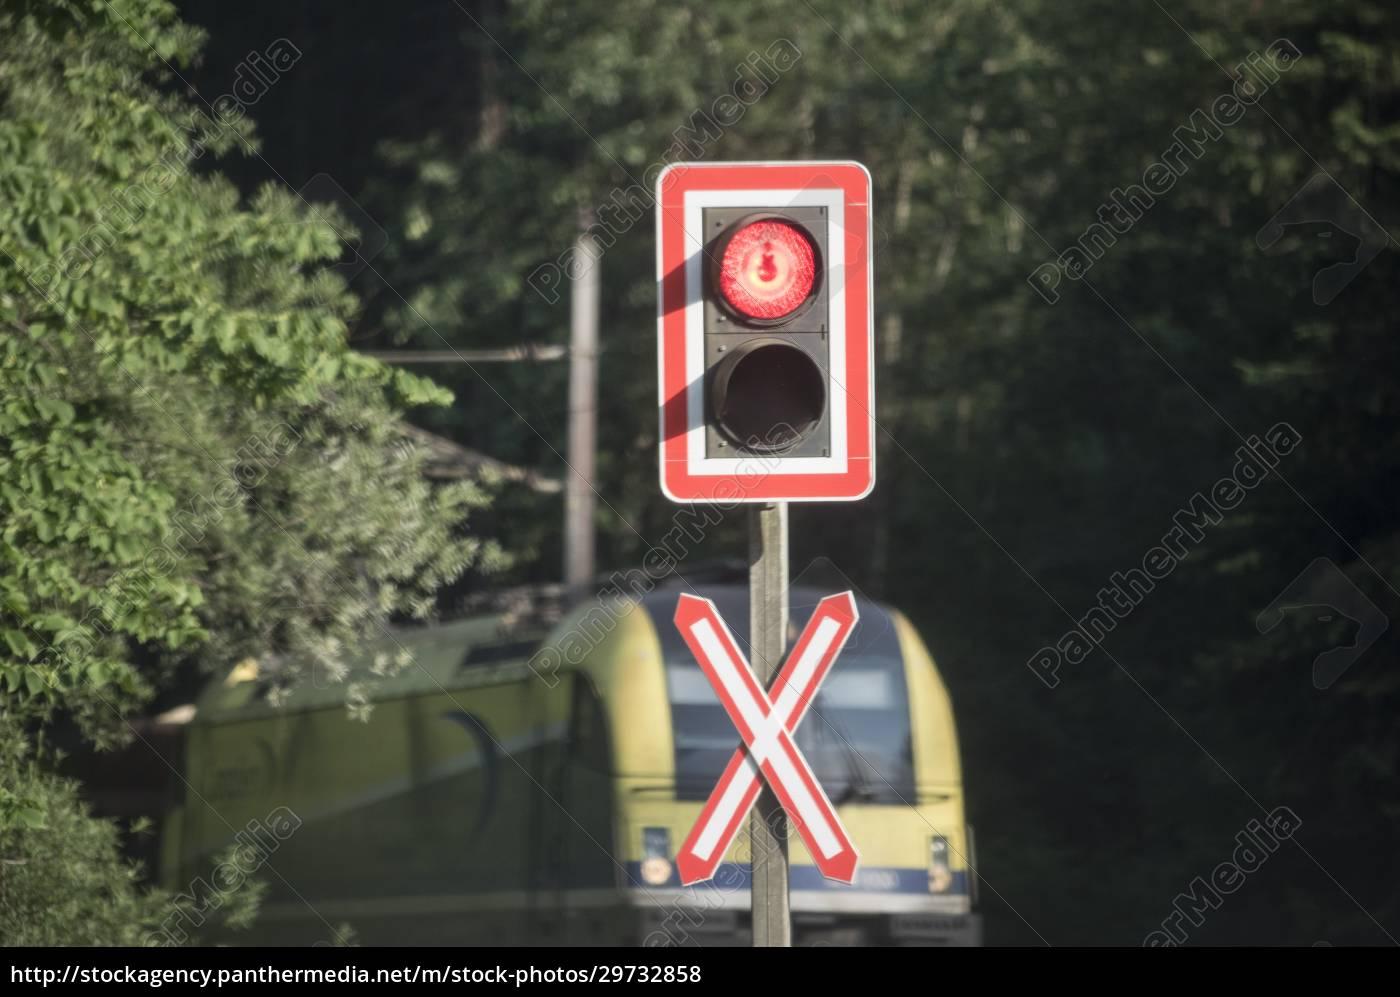 przejazd, kolejowy, w, ruchu, kolejowym - 29732858